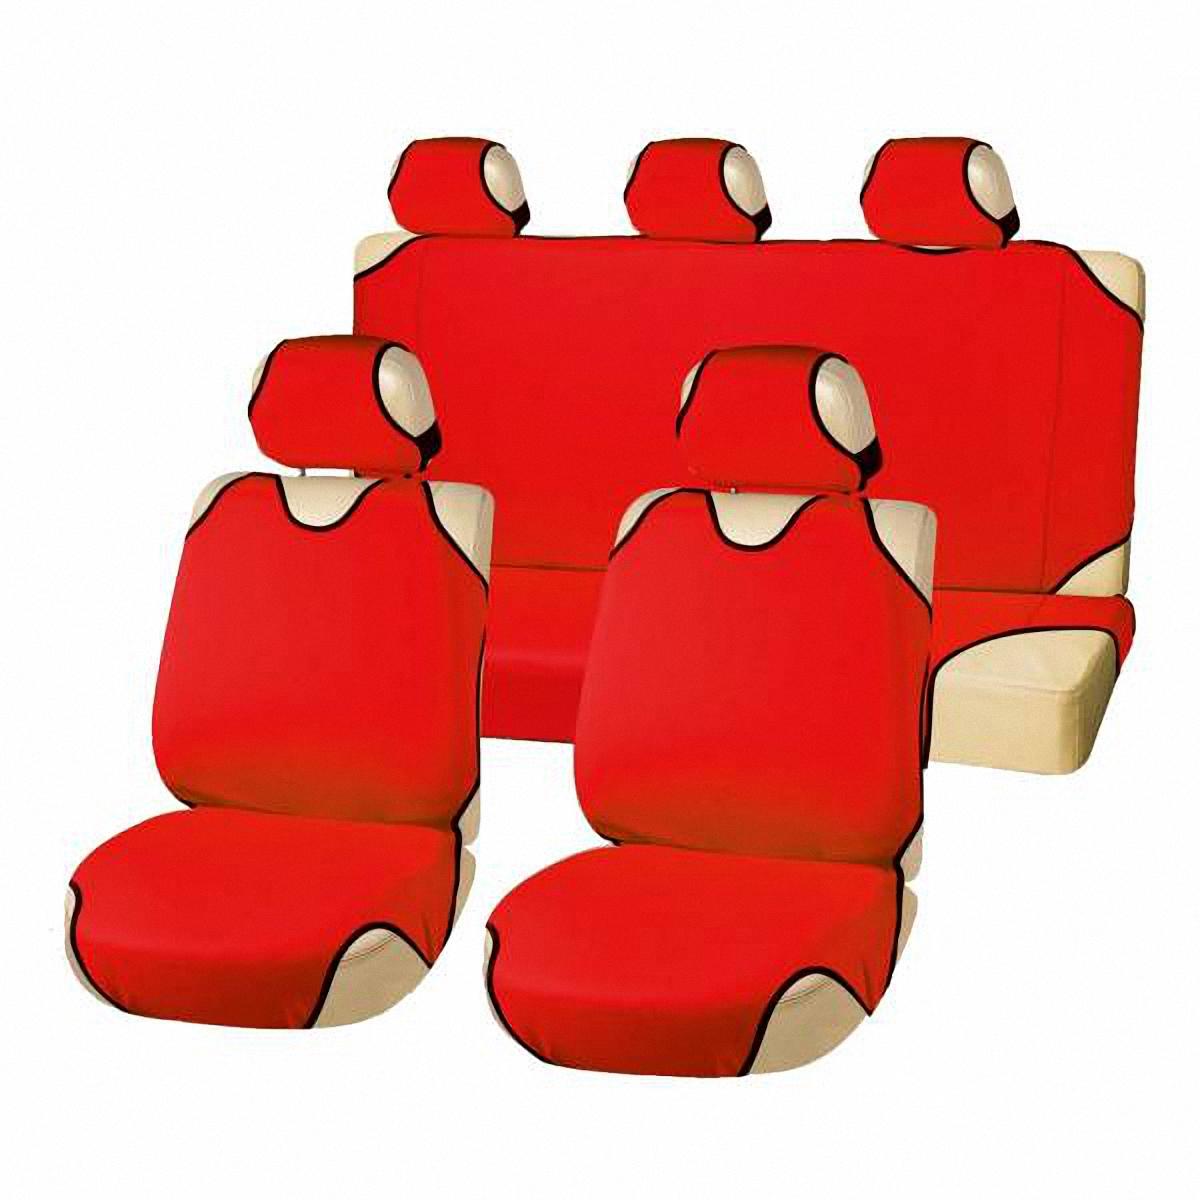 Чехлы-майки автомобильные Skyway. S01303009Ветерок 2ГФКомплект универсальных автомобильных чехлов Skyway изготовлен из полиэстера.Благодаря многослойной структуре материала изделие точно повторяет контур сидений. Конструкция всех предметов комплекта разработана специально для их максимально удобной и лёгкой установки на сидения вашего автомобиля.Комплектация: Чехлы на подголовники - 5 шт. Чехол-майка на передние сиденья - 2 шт. Чехол-майка на заднее сиденье - 1 шт. Чехол-майка на спинку заднего сиденья - 1 шт.